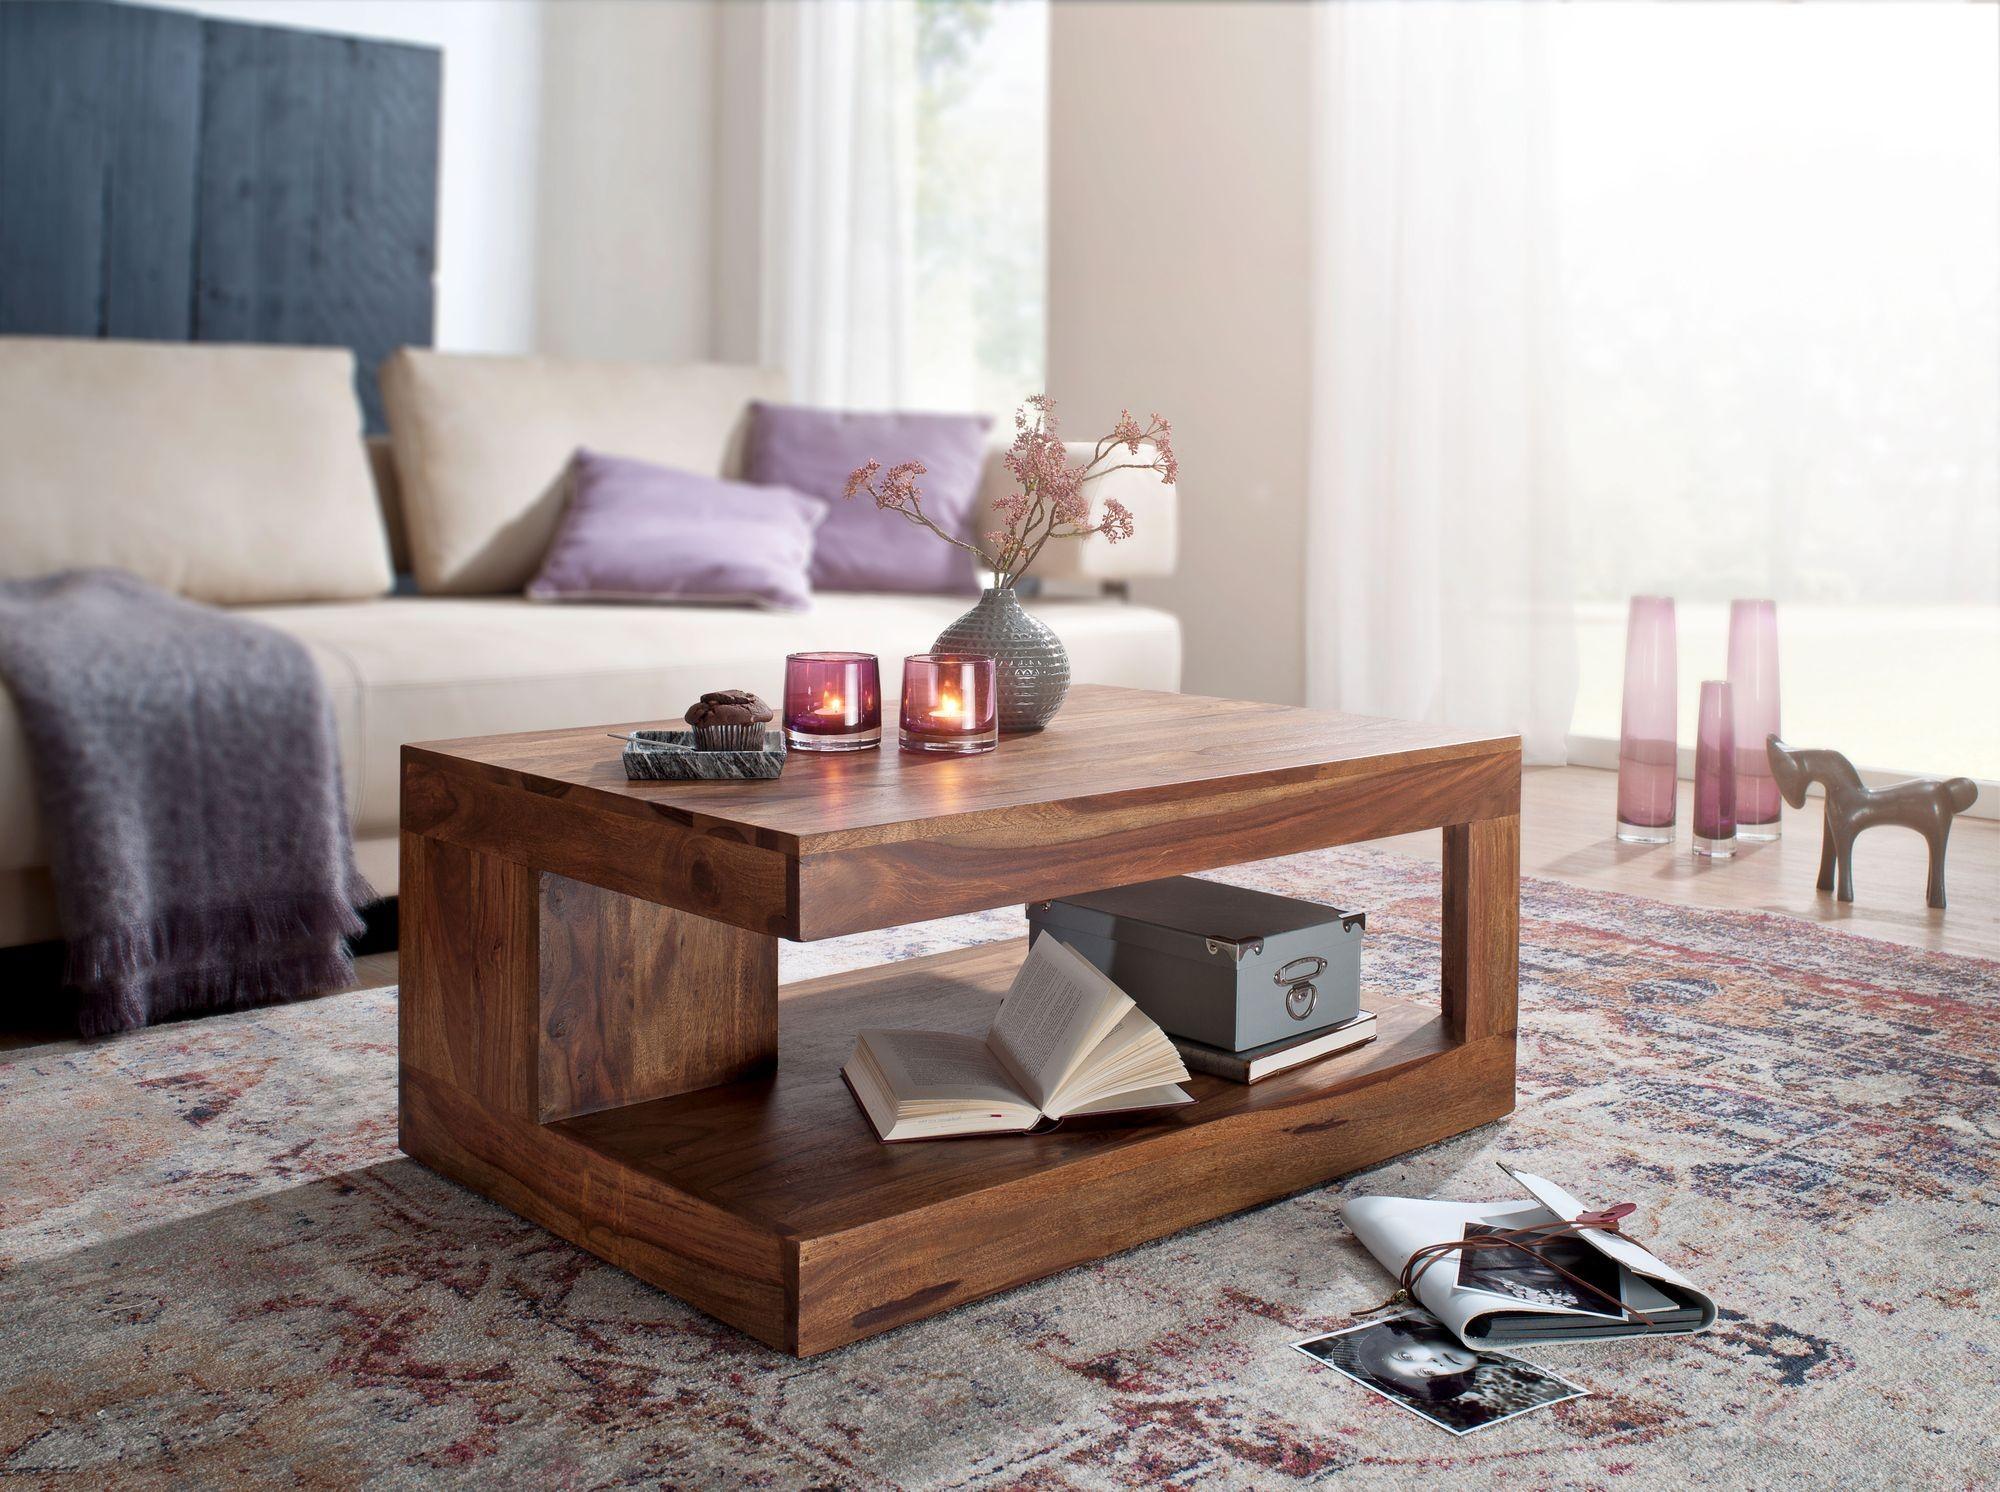 Couchtisch Sheesham Massiv-Holz 90 x 60 x 40 cm - Wohnzimmer-Tisch ...